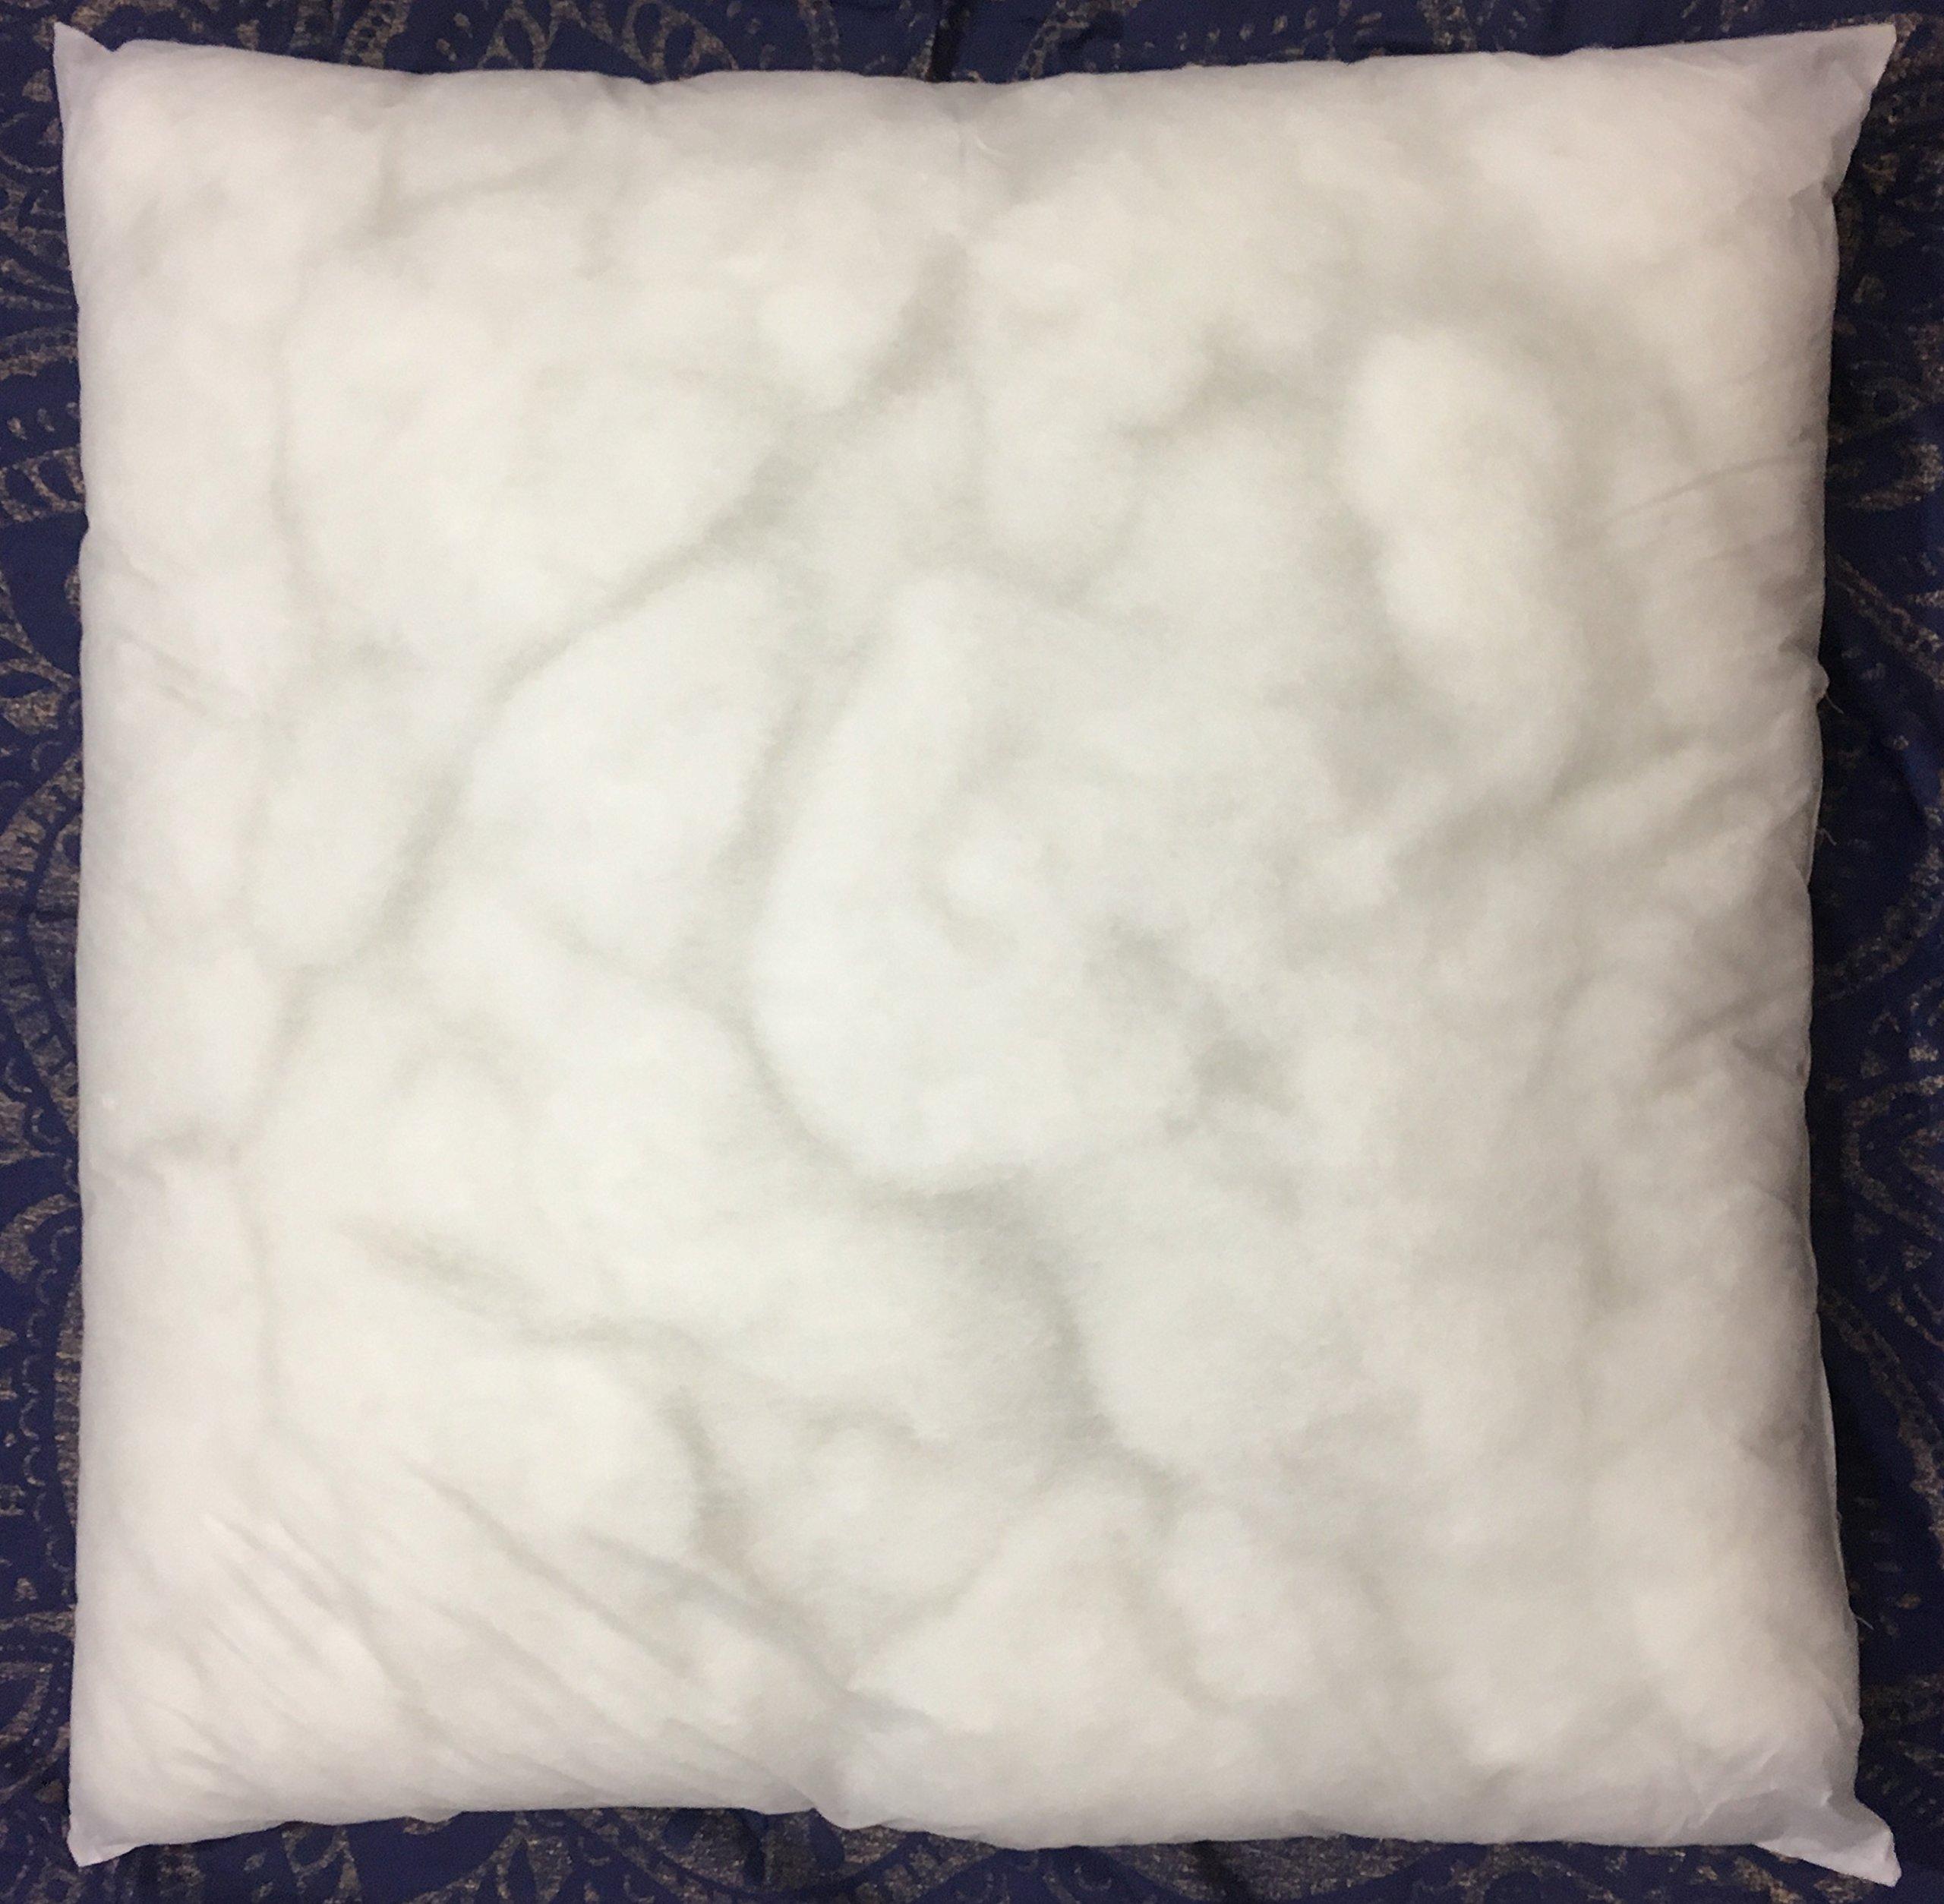 Ganesham Handicraft - Indian Home Decor Polyfiller Inner Pads Square Best For Mandala Floor Pillow Insert 35x35 inch (Christmas Gift)